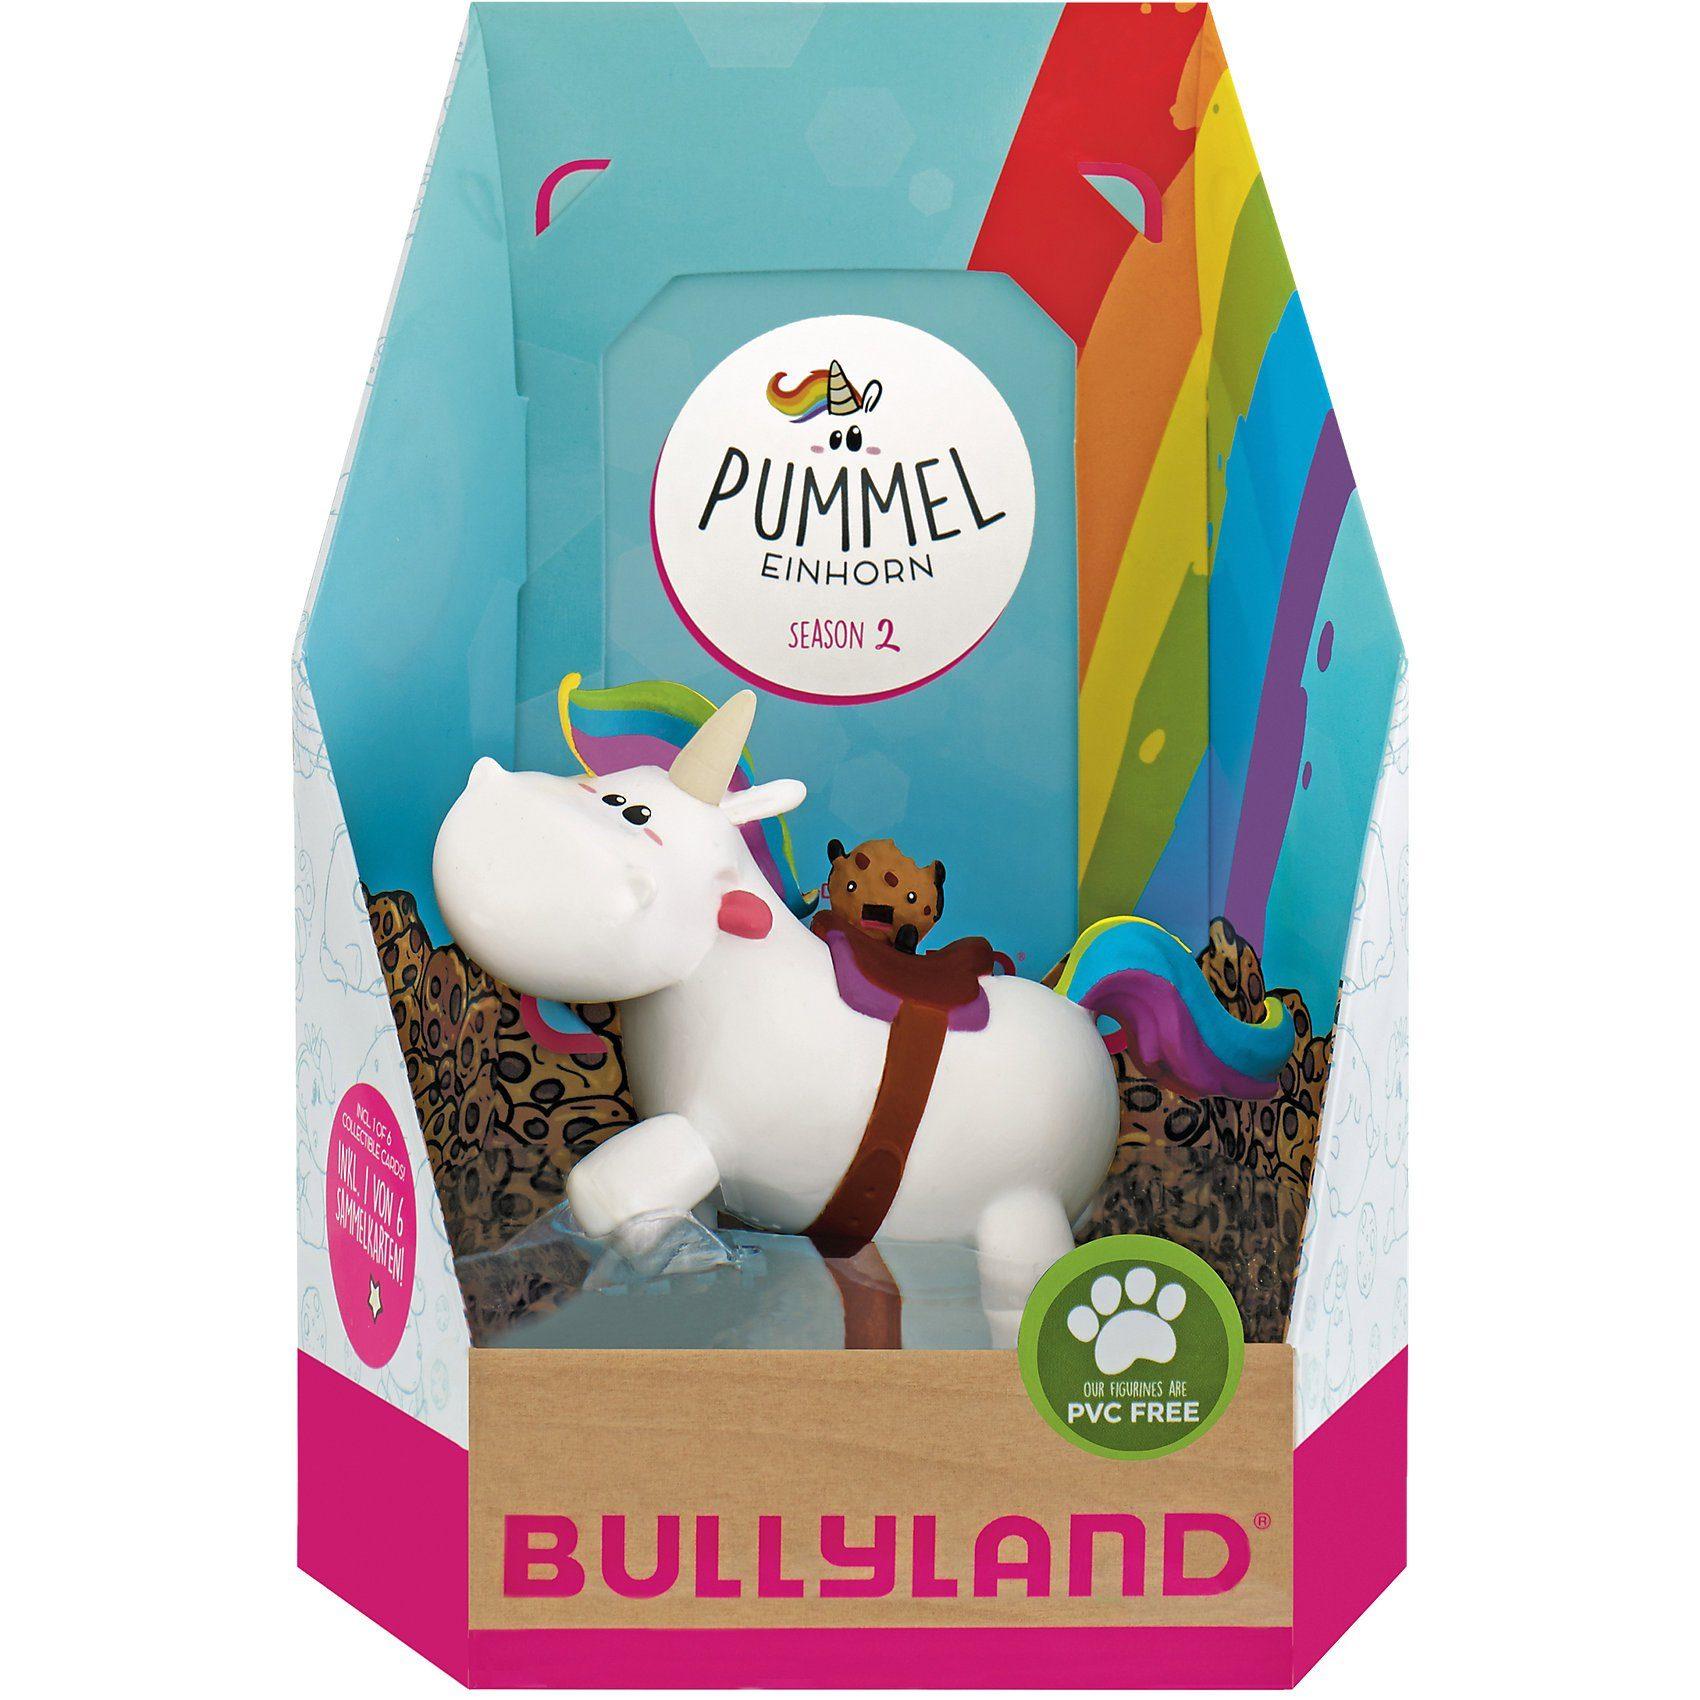 BULLYLAND Pummel reitend Single Pack mit Sammelkarte